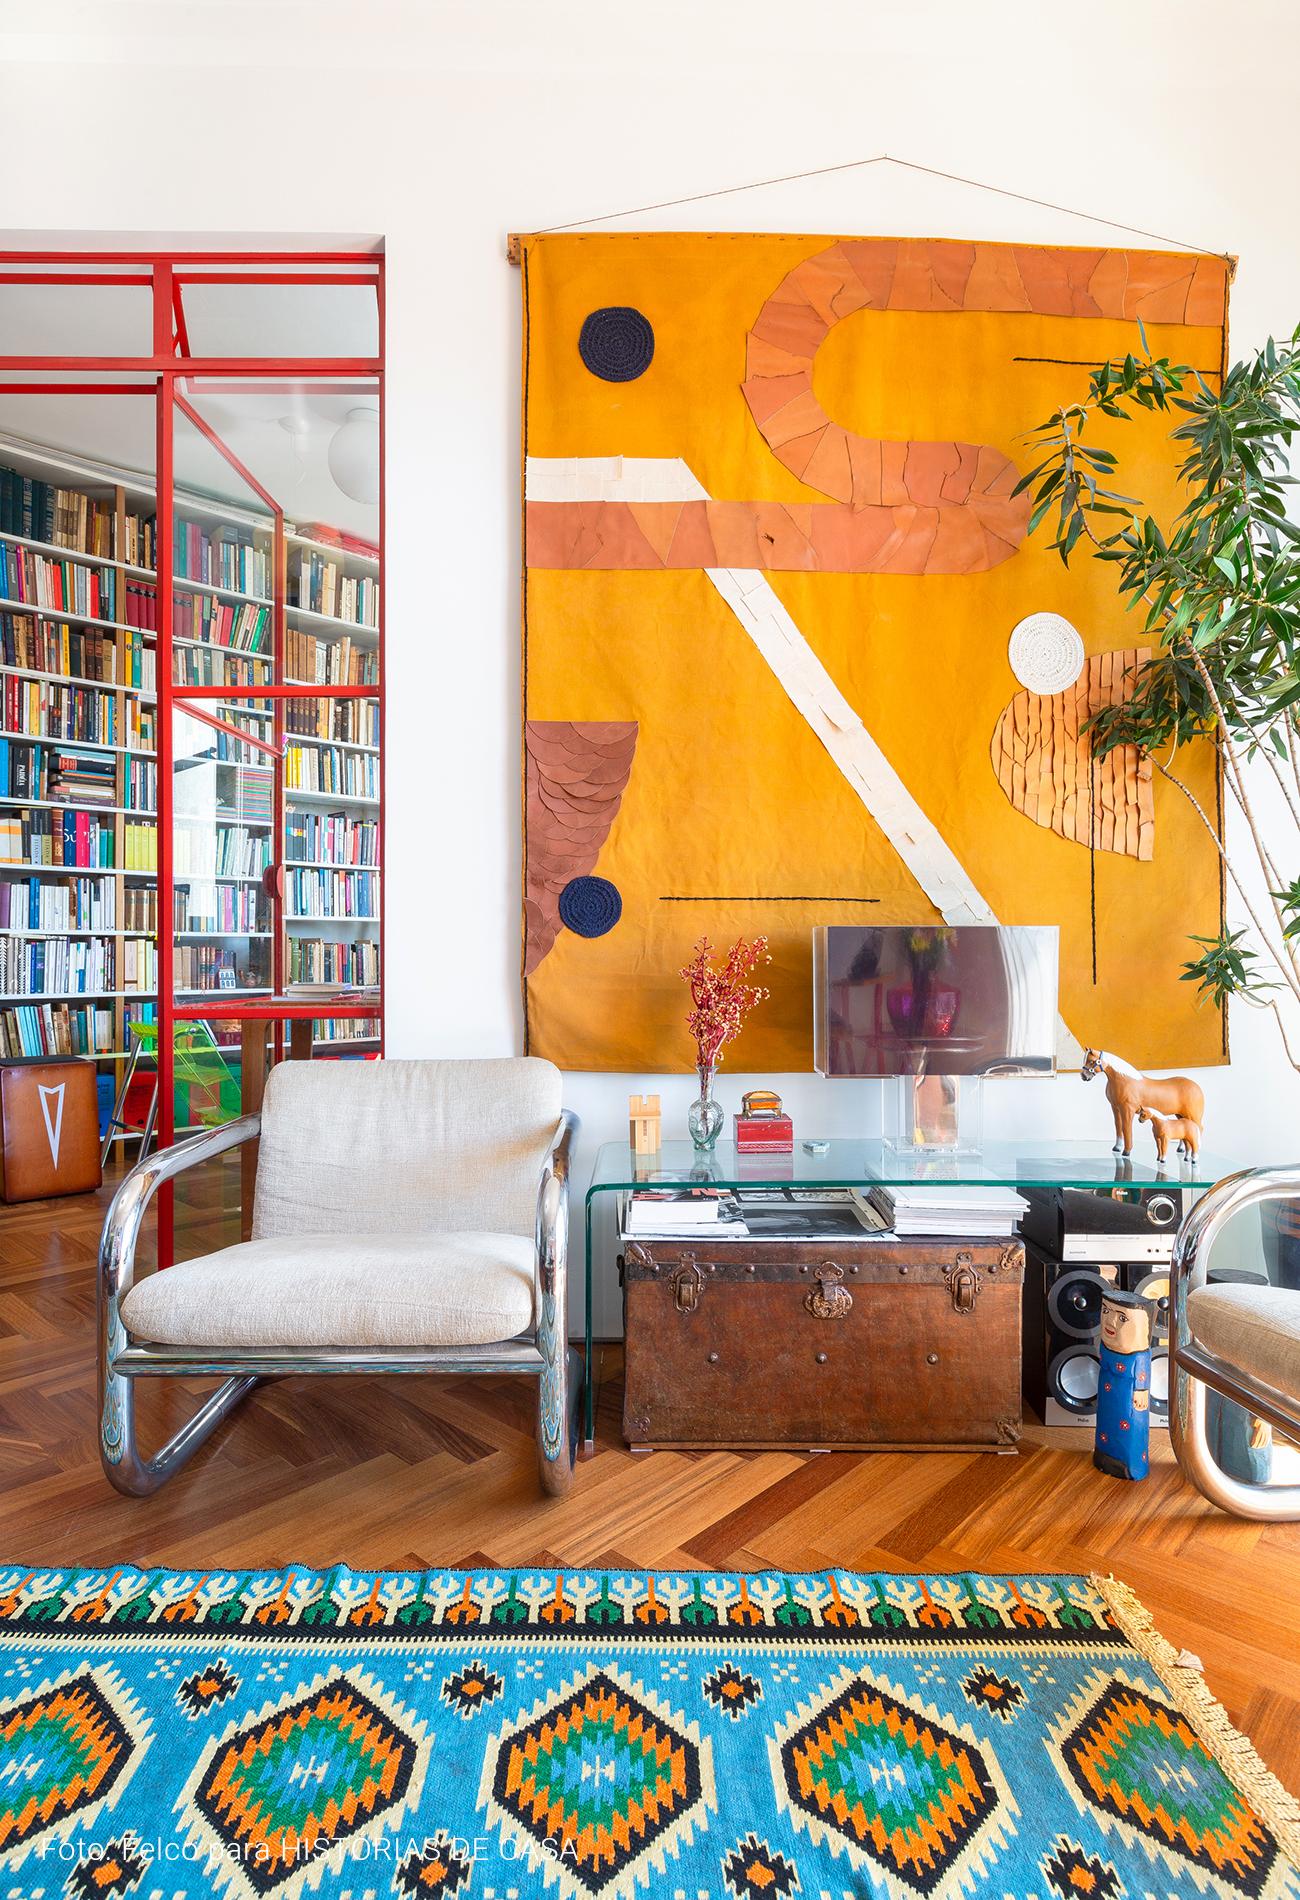 Apartamento com decoração colorida, arte em tecido